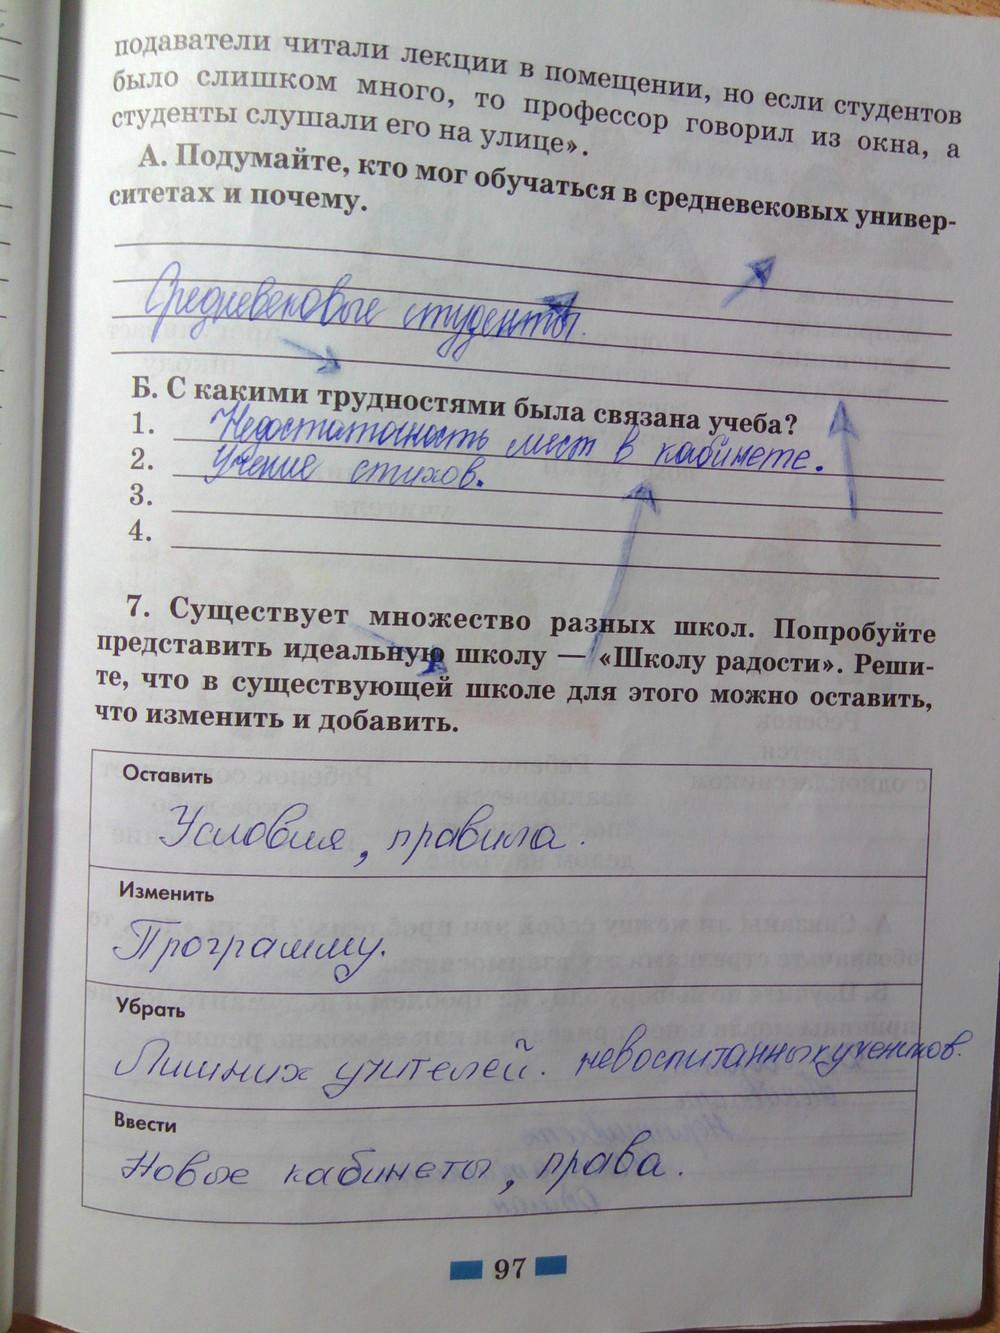 гдз по обществознанию 6 класс кравченко певцова рабочая